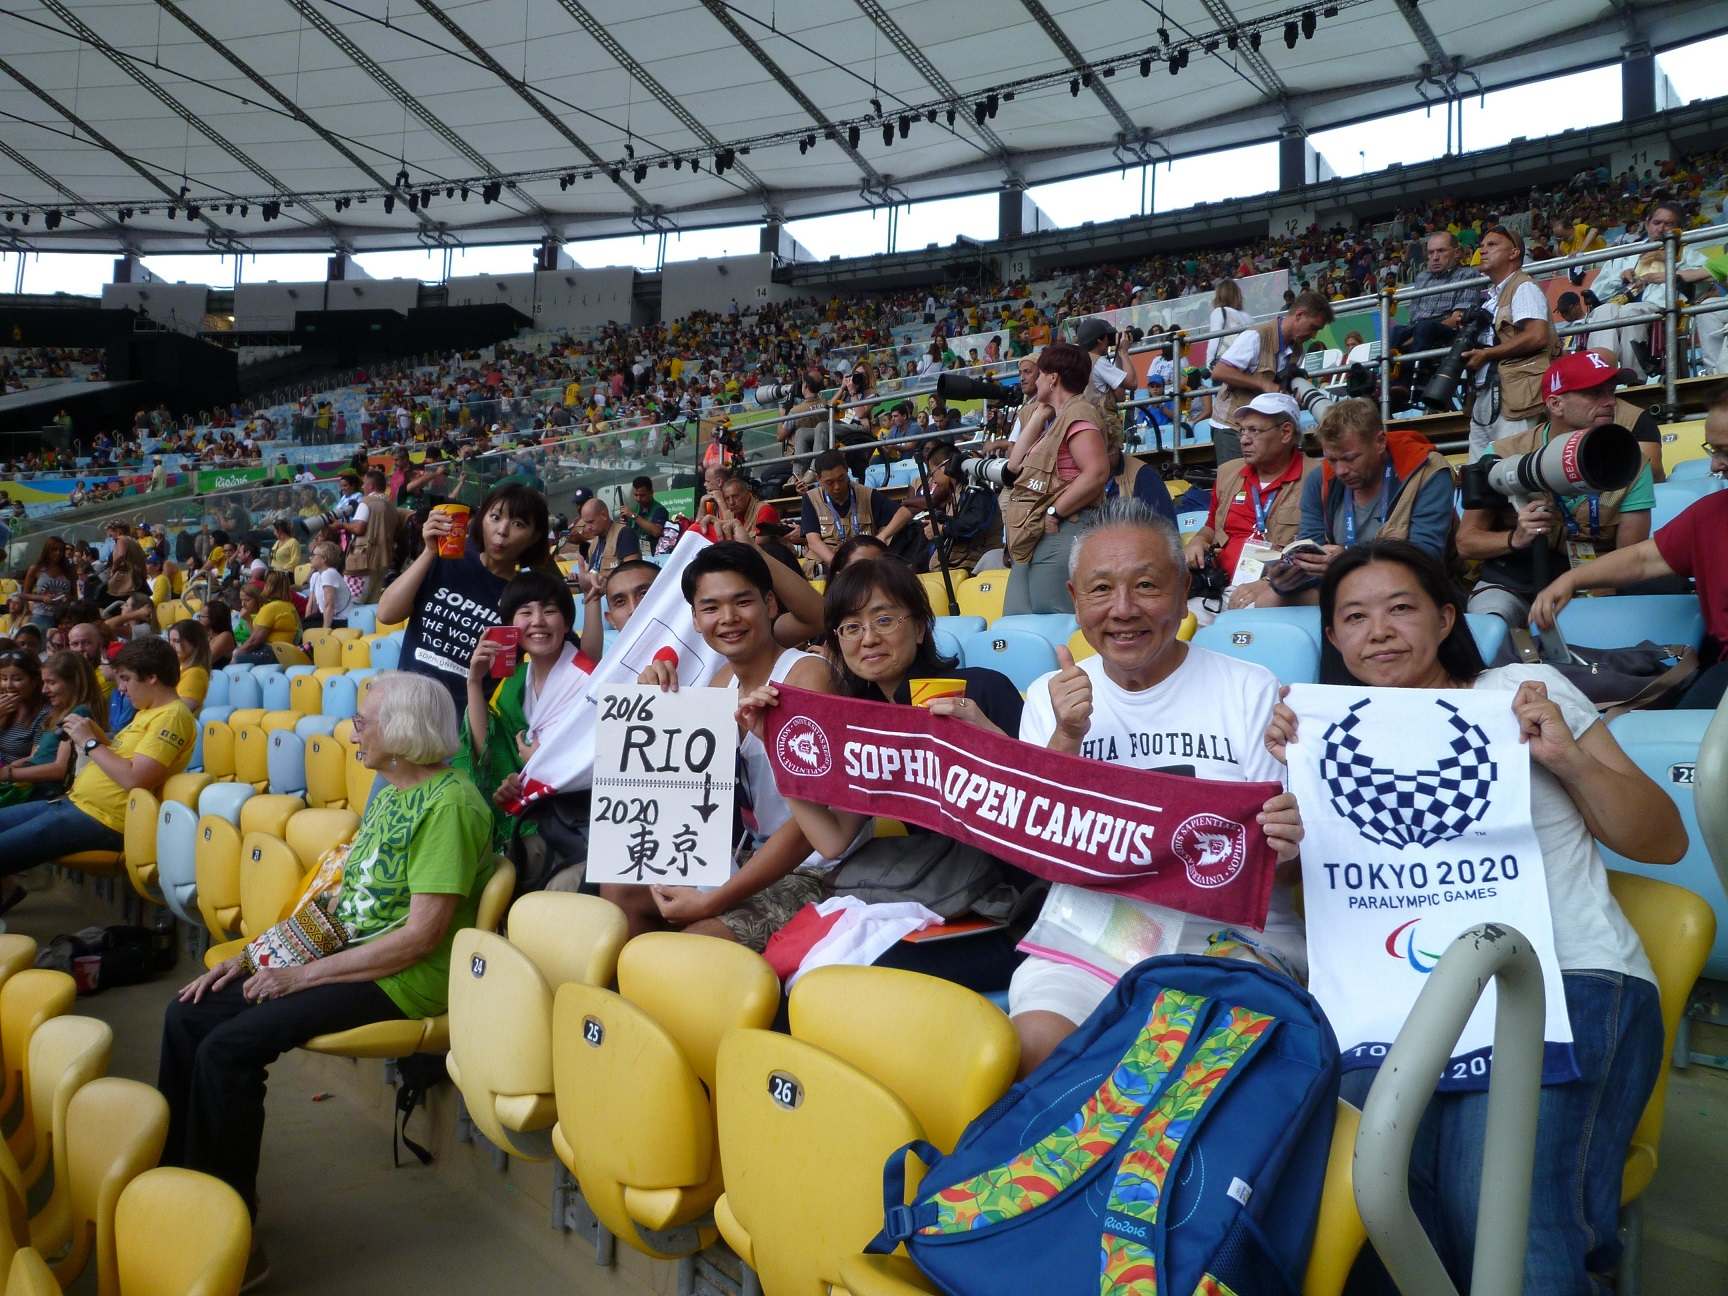 9月7日マラカナンスタジアムで行われた開会式に参加